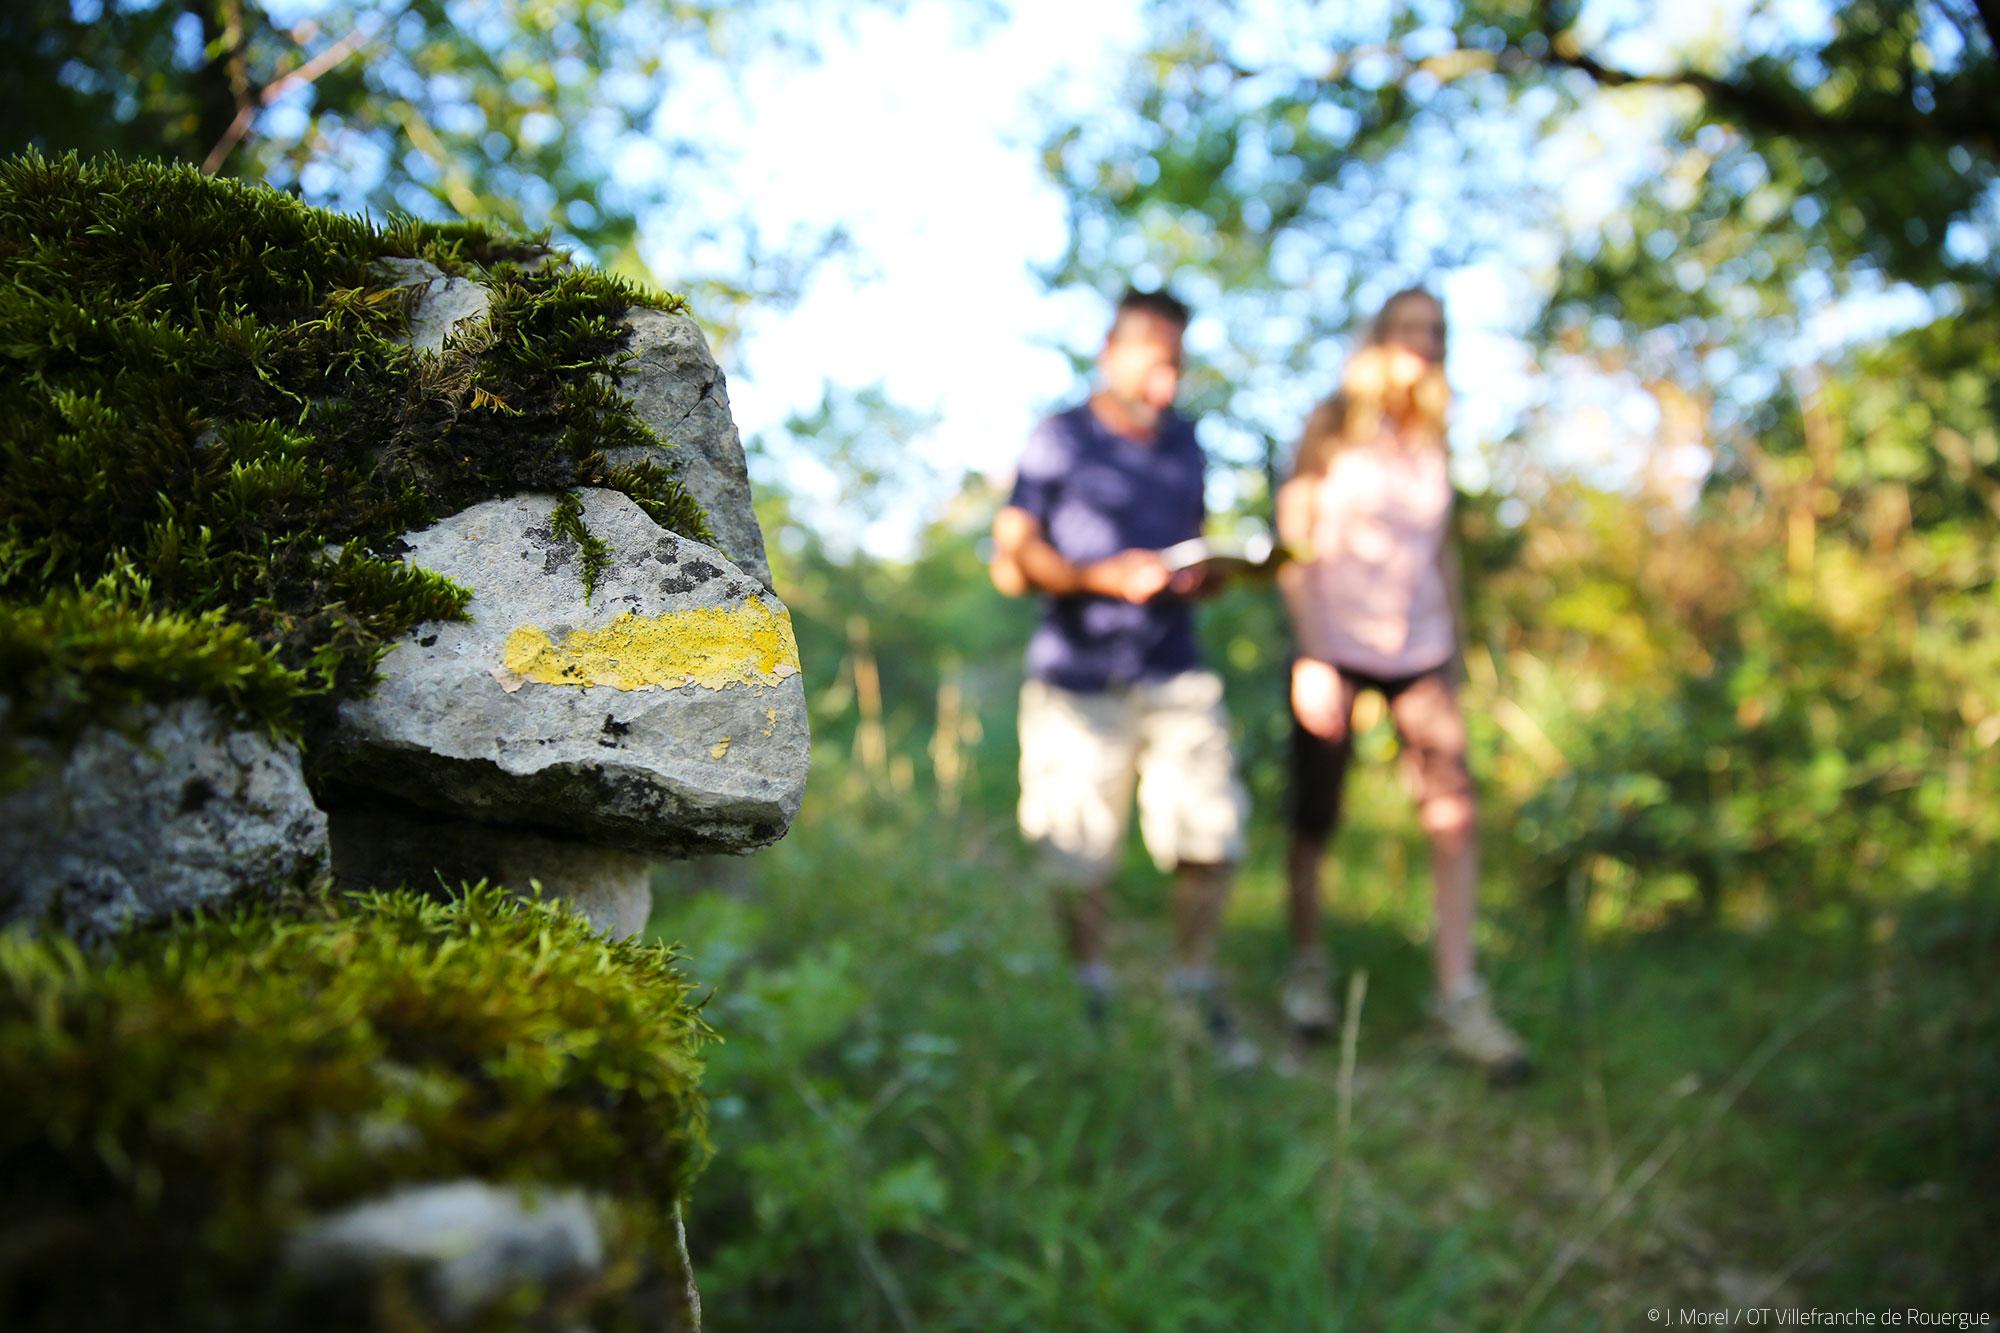 Randonnée Villefranche de Rouergue © J. Morel / OT Villefranche de Rouergue